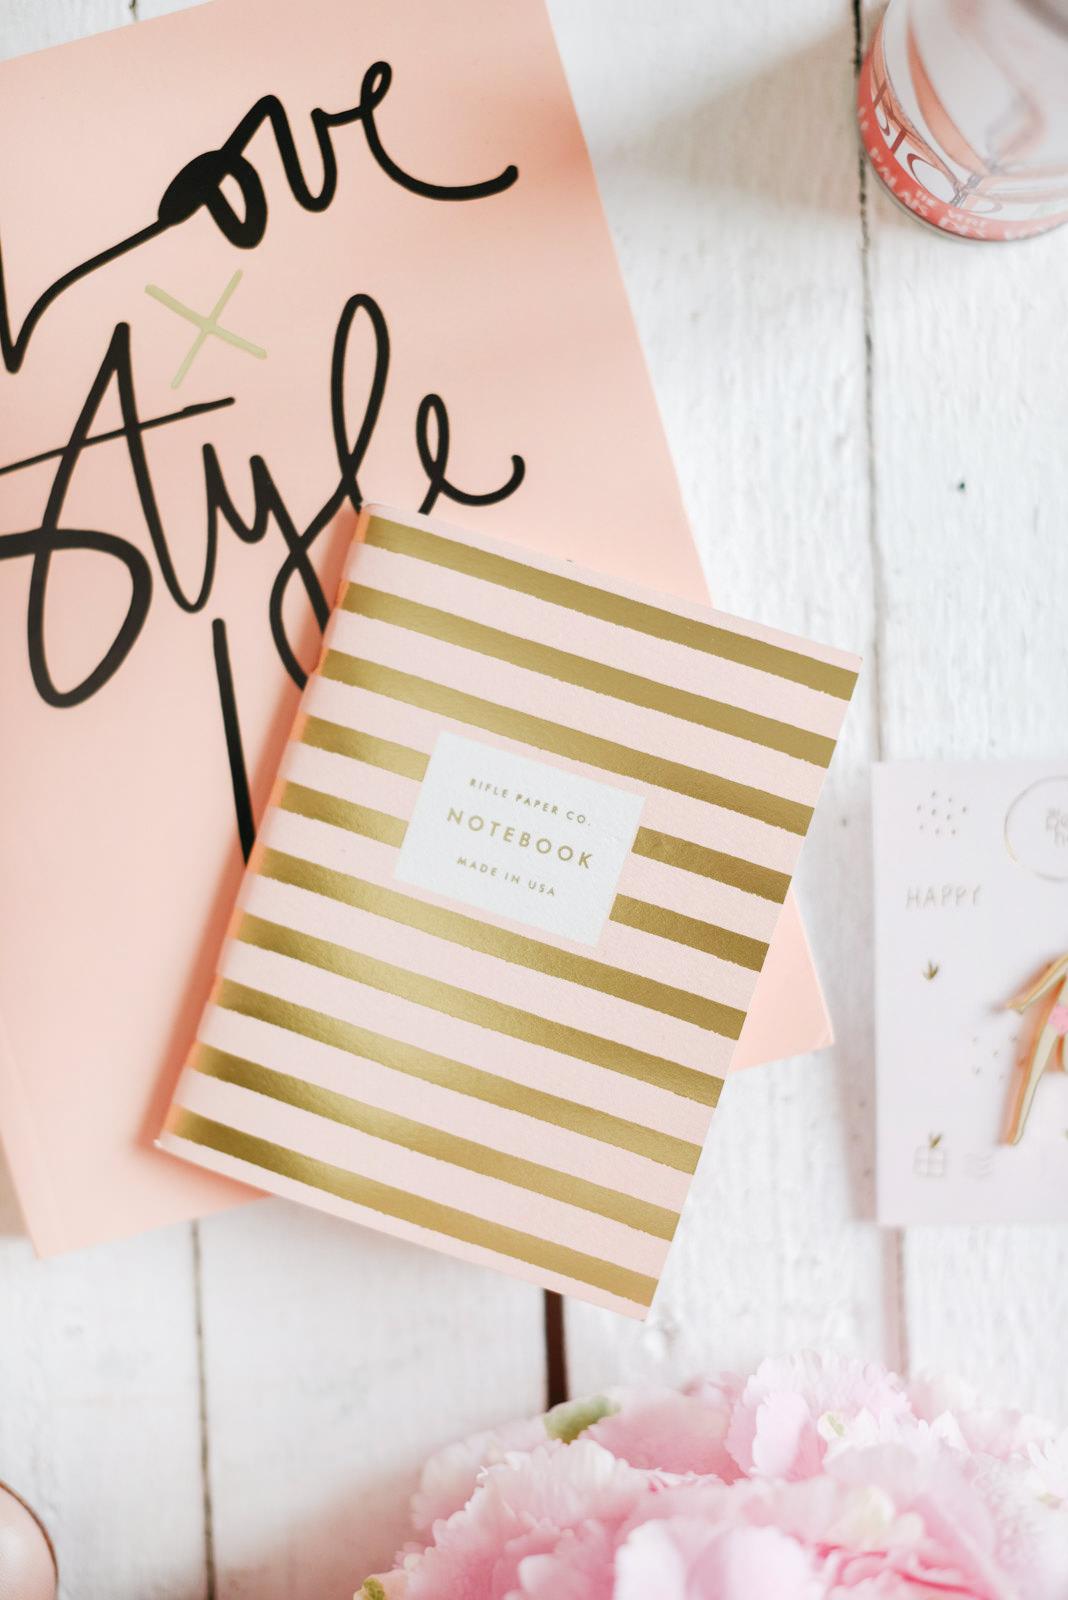 Blog-Mode-And-the-City-Lifestyle-Cadeaux-Anniversaire-28-ans-16